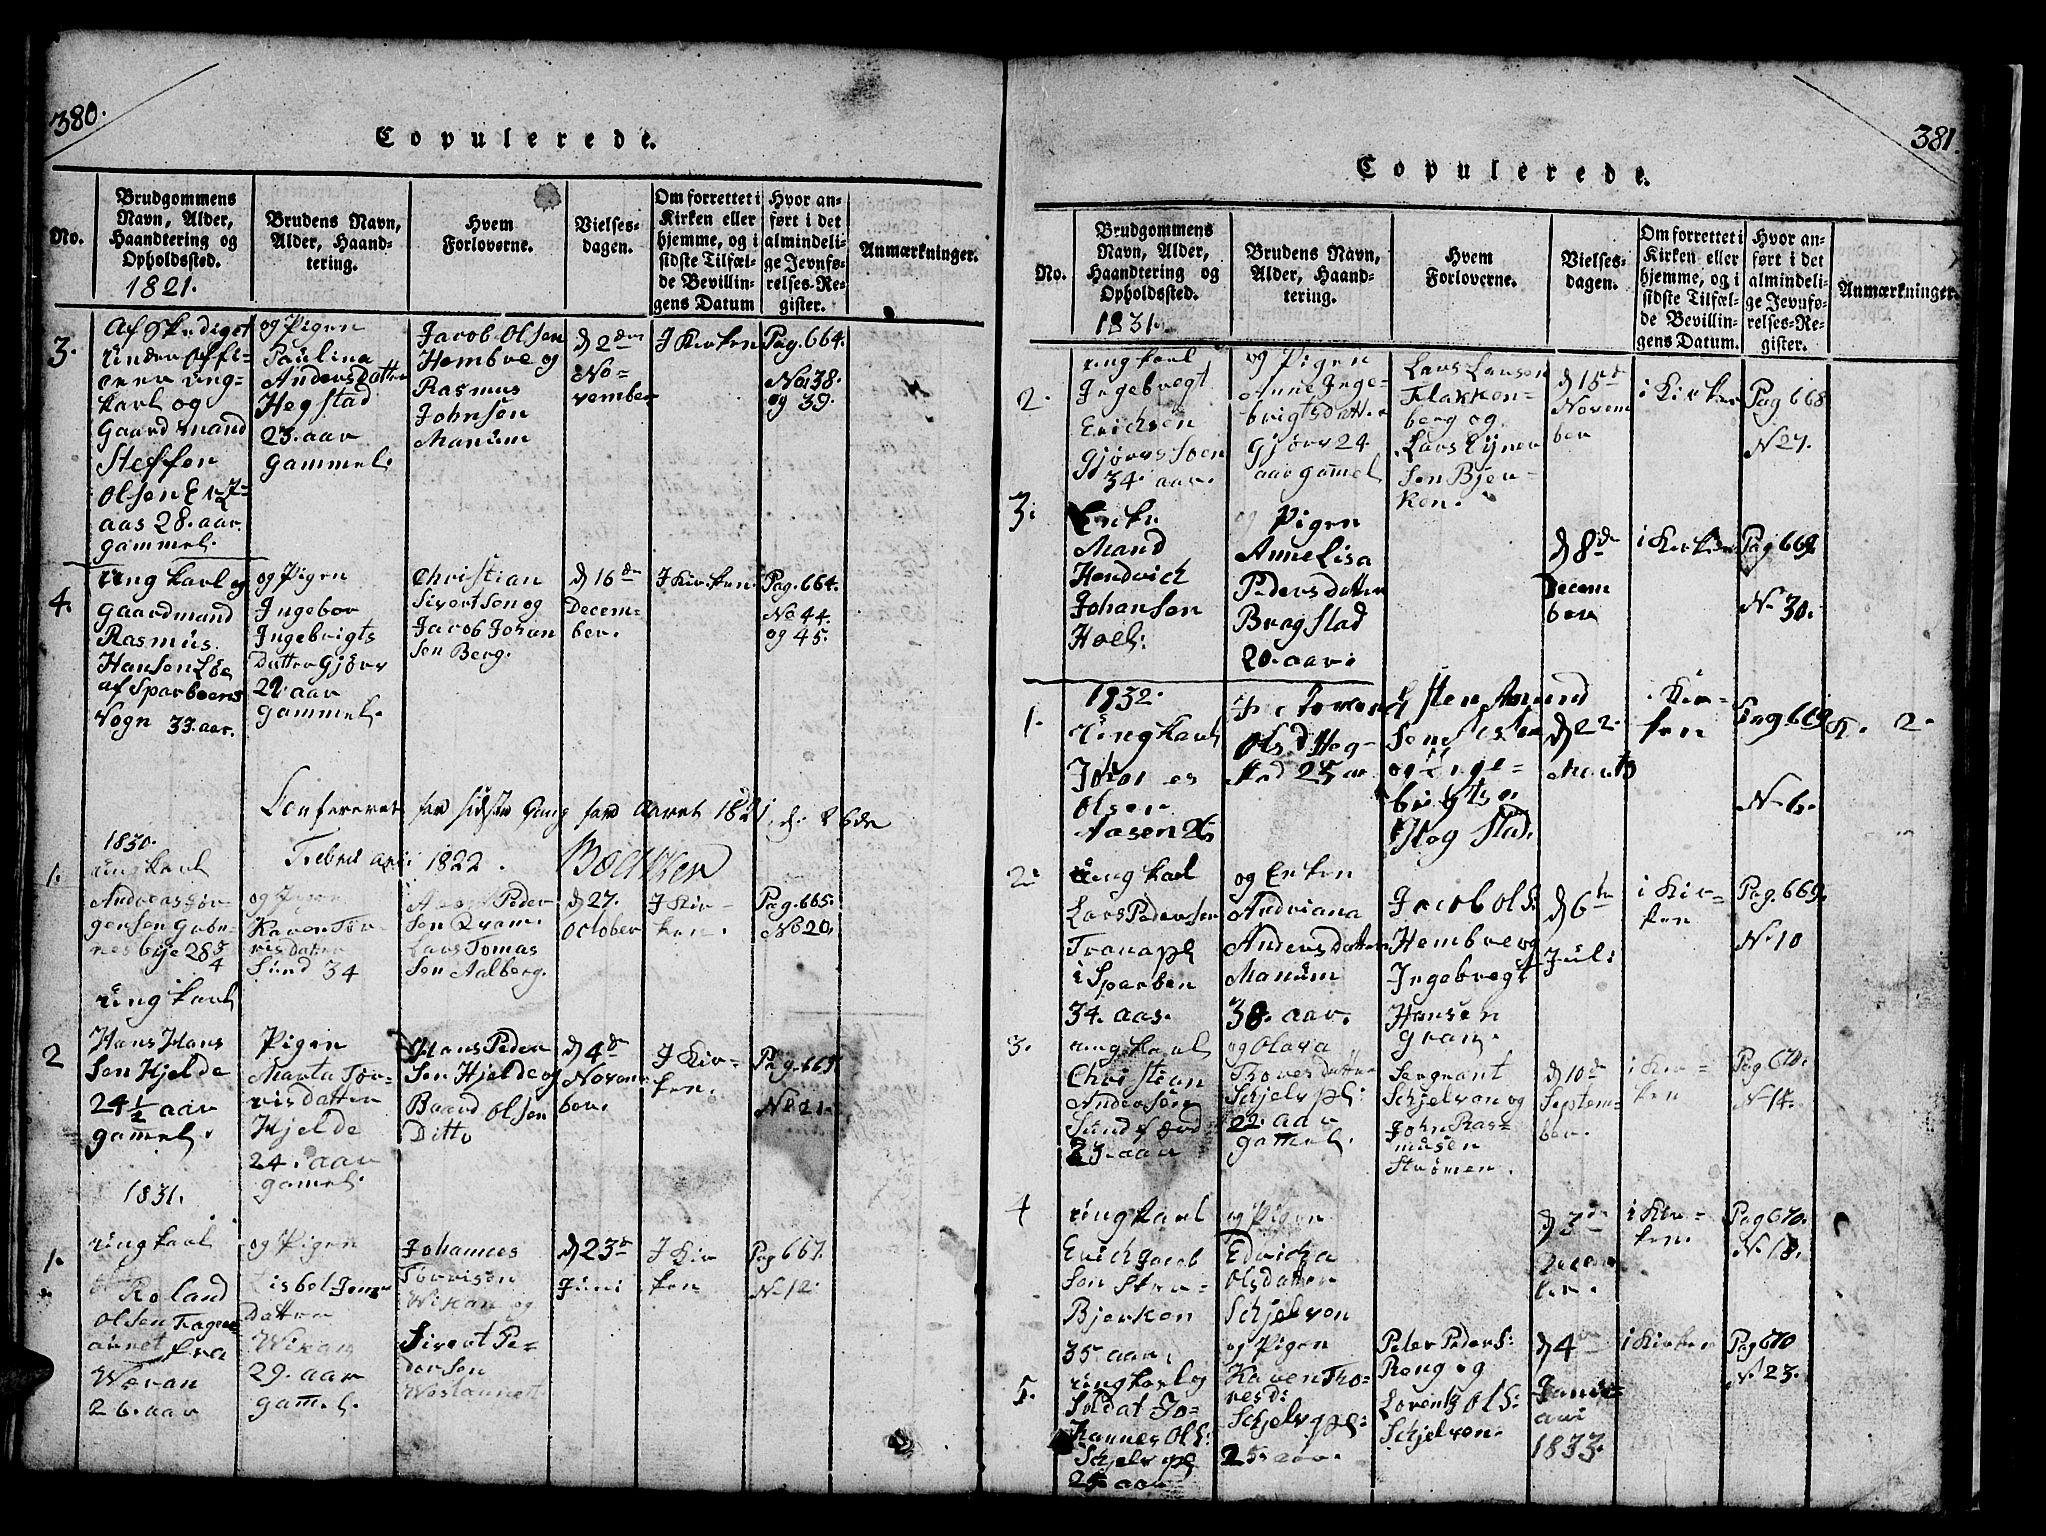 SAT, Ministerialprotokoller, klokkerbøker og fødselsregistre - Nord-Trøndelag, 732/L0317: Klokkerbok nr. 732C01, 1816-1881, s. 380-381